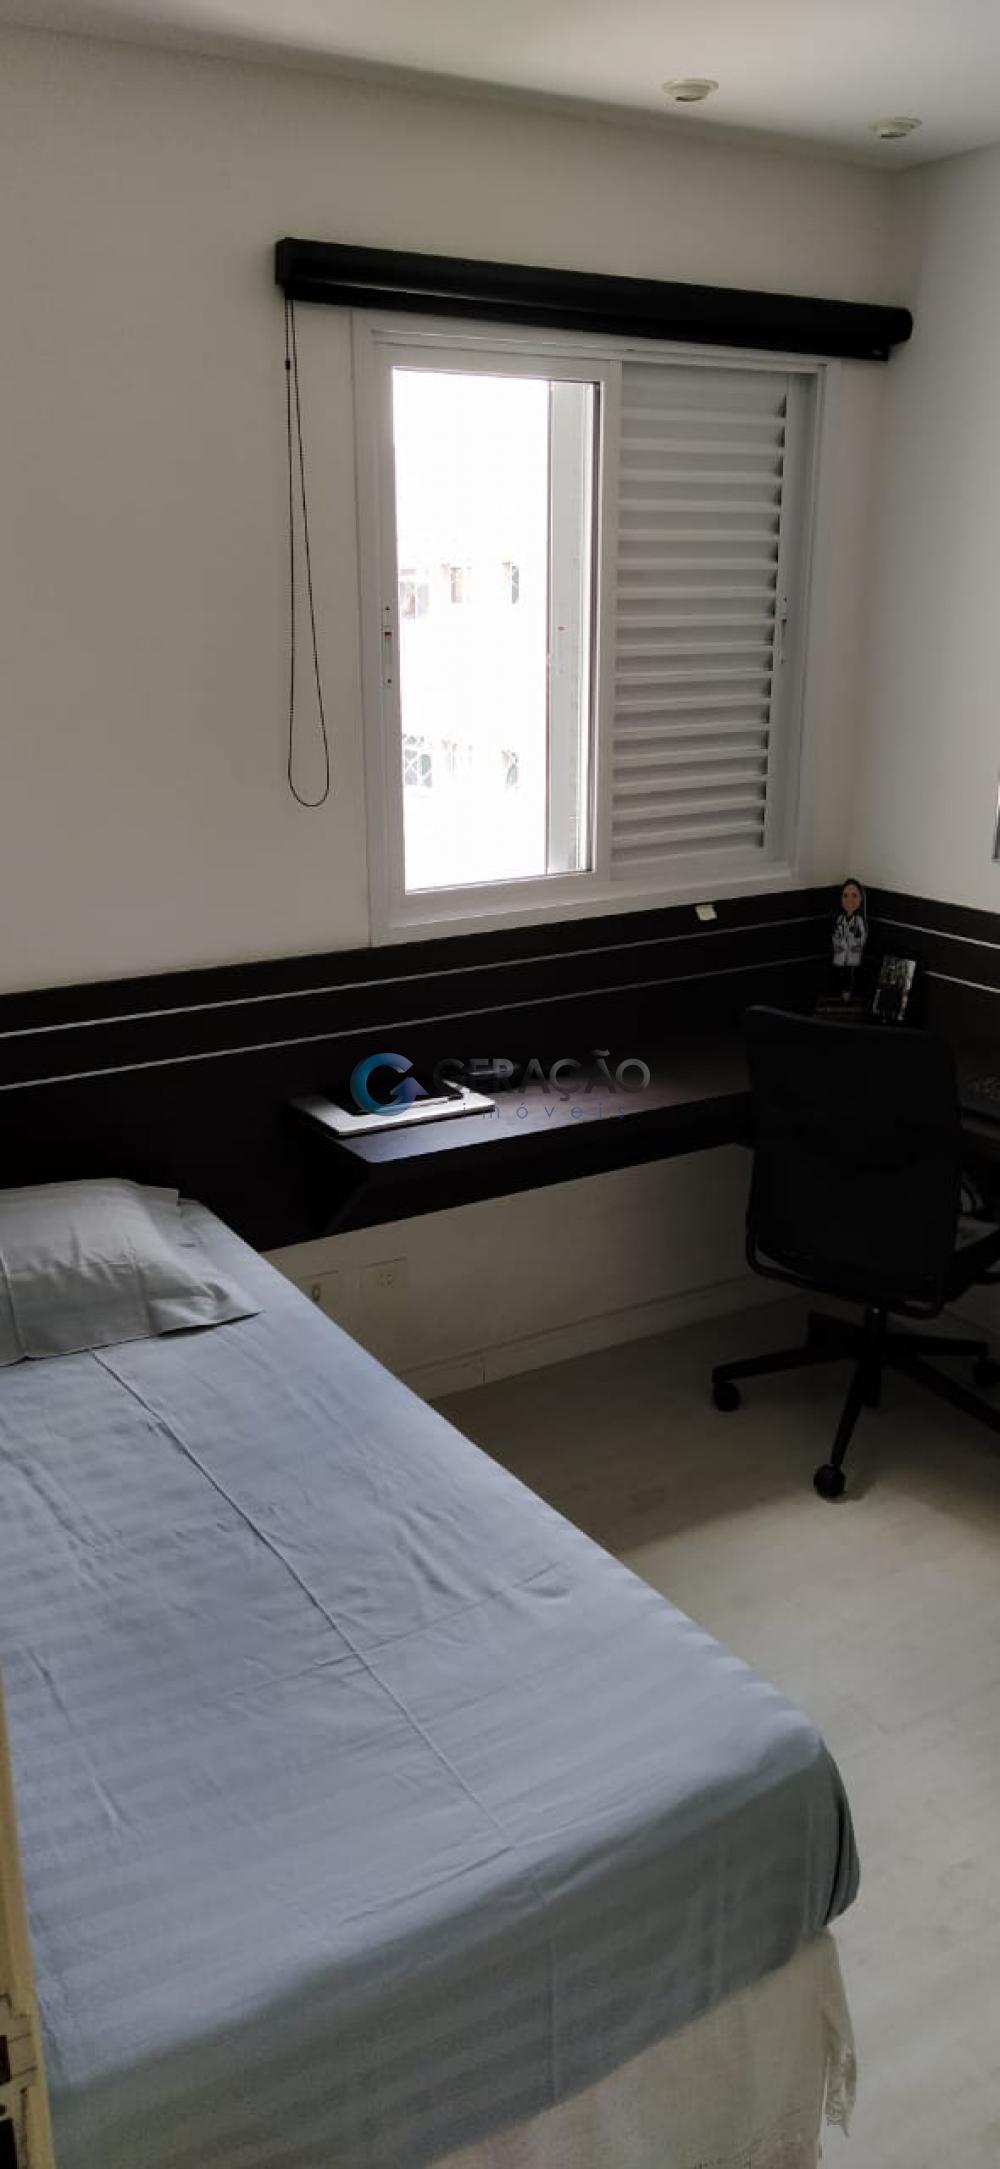 Comprar Apartamento / Padrão em São José dos Campos R$ 1.150.000,00 - Foto 20